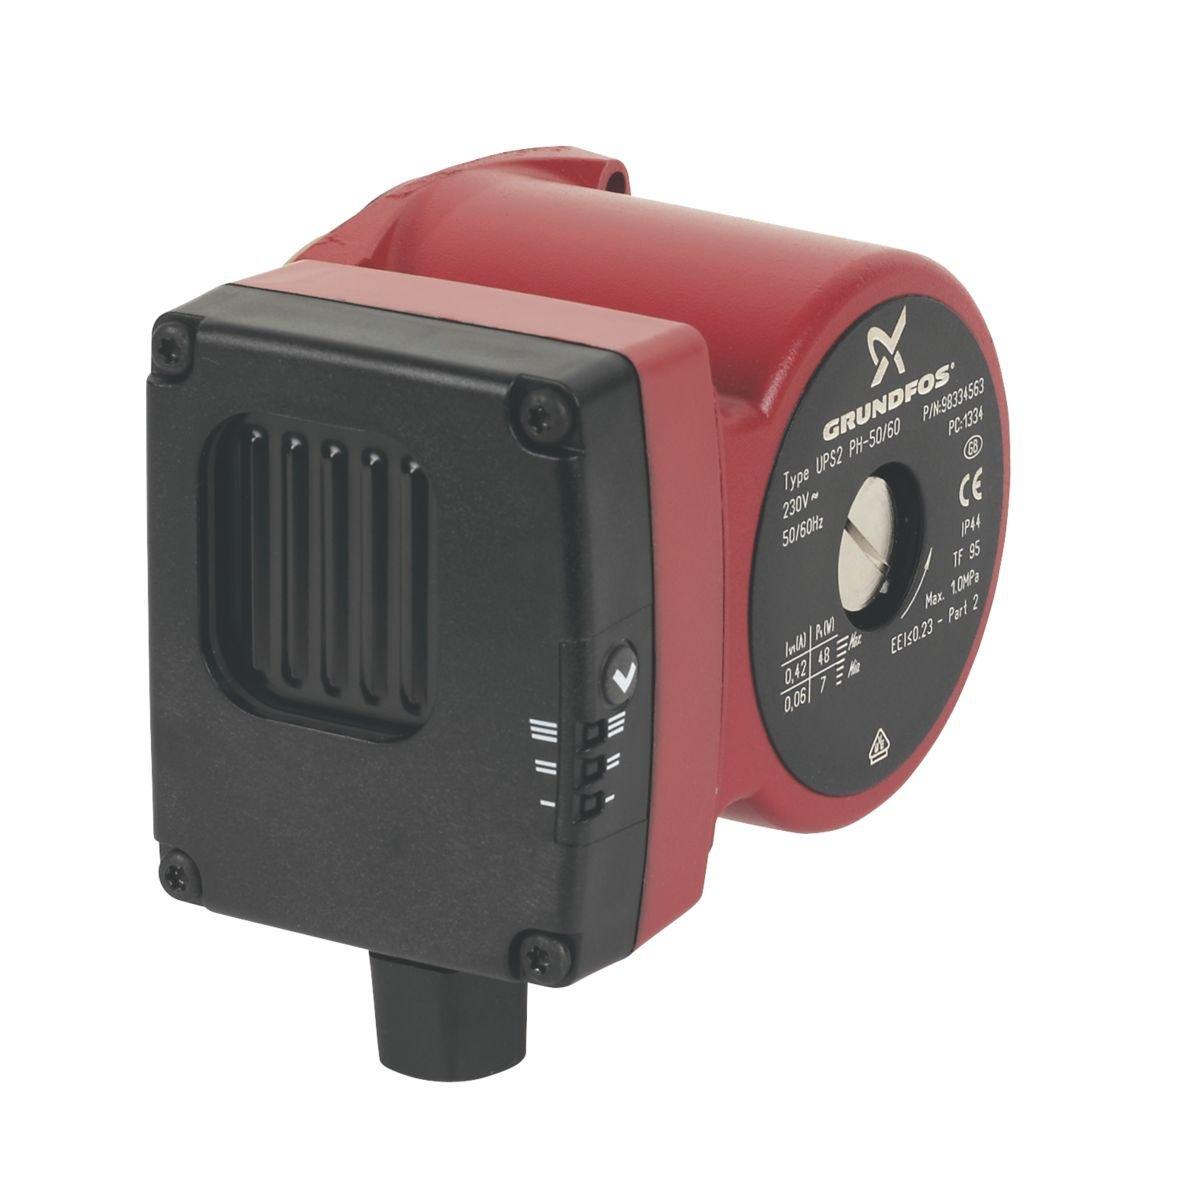 Grundfos UPS2 15-50/60 Pump Head